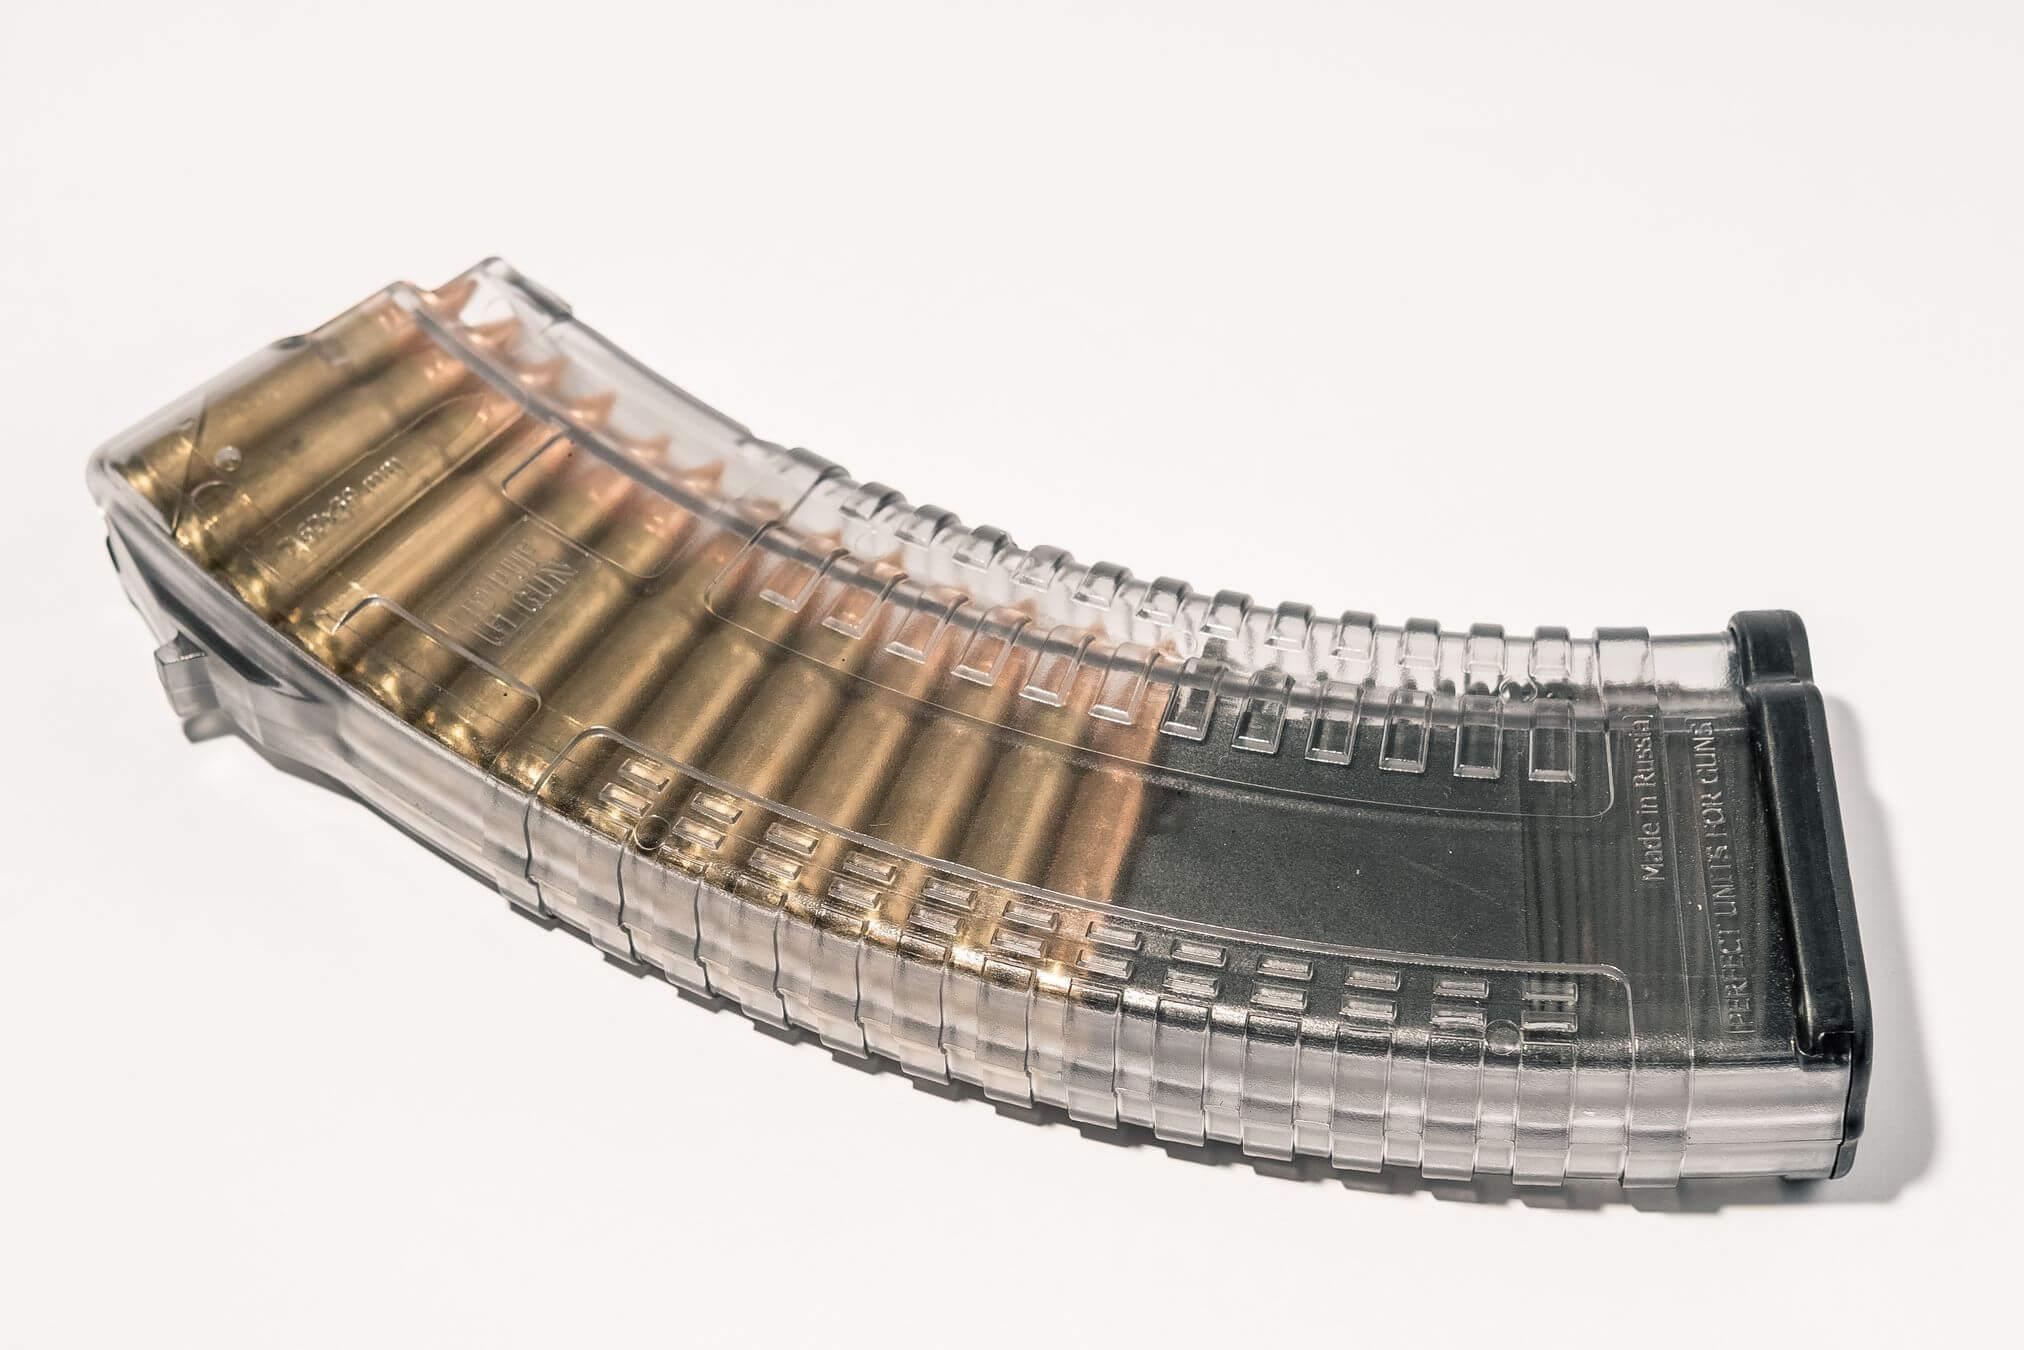 Магазин Pufgun для АКМ 7.62x39 ВПО-136 ВПО-209 на 30 патронов, прозрачный